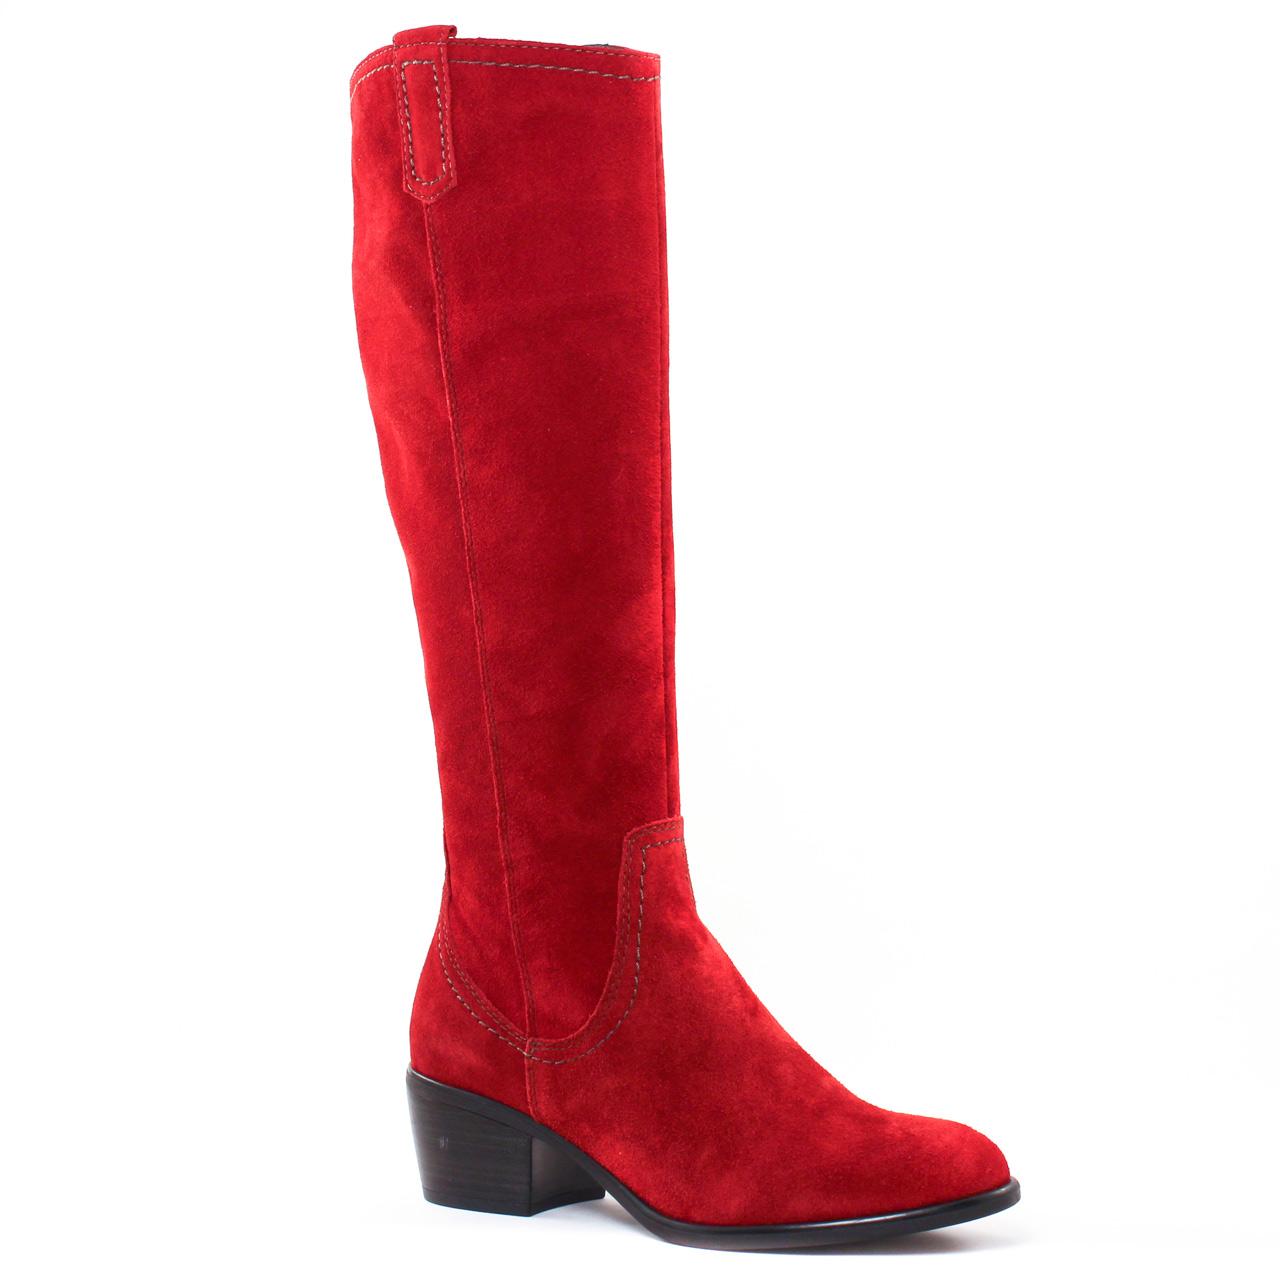 botte | vente en ligne de bottes femmes - trois par 3